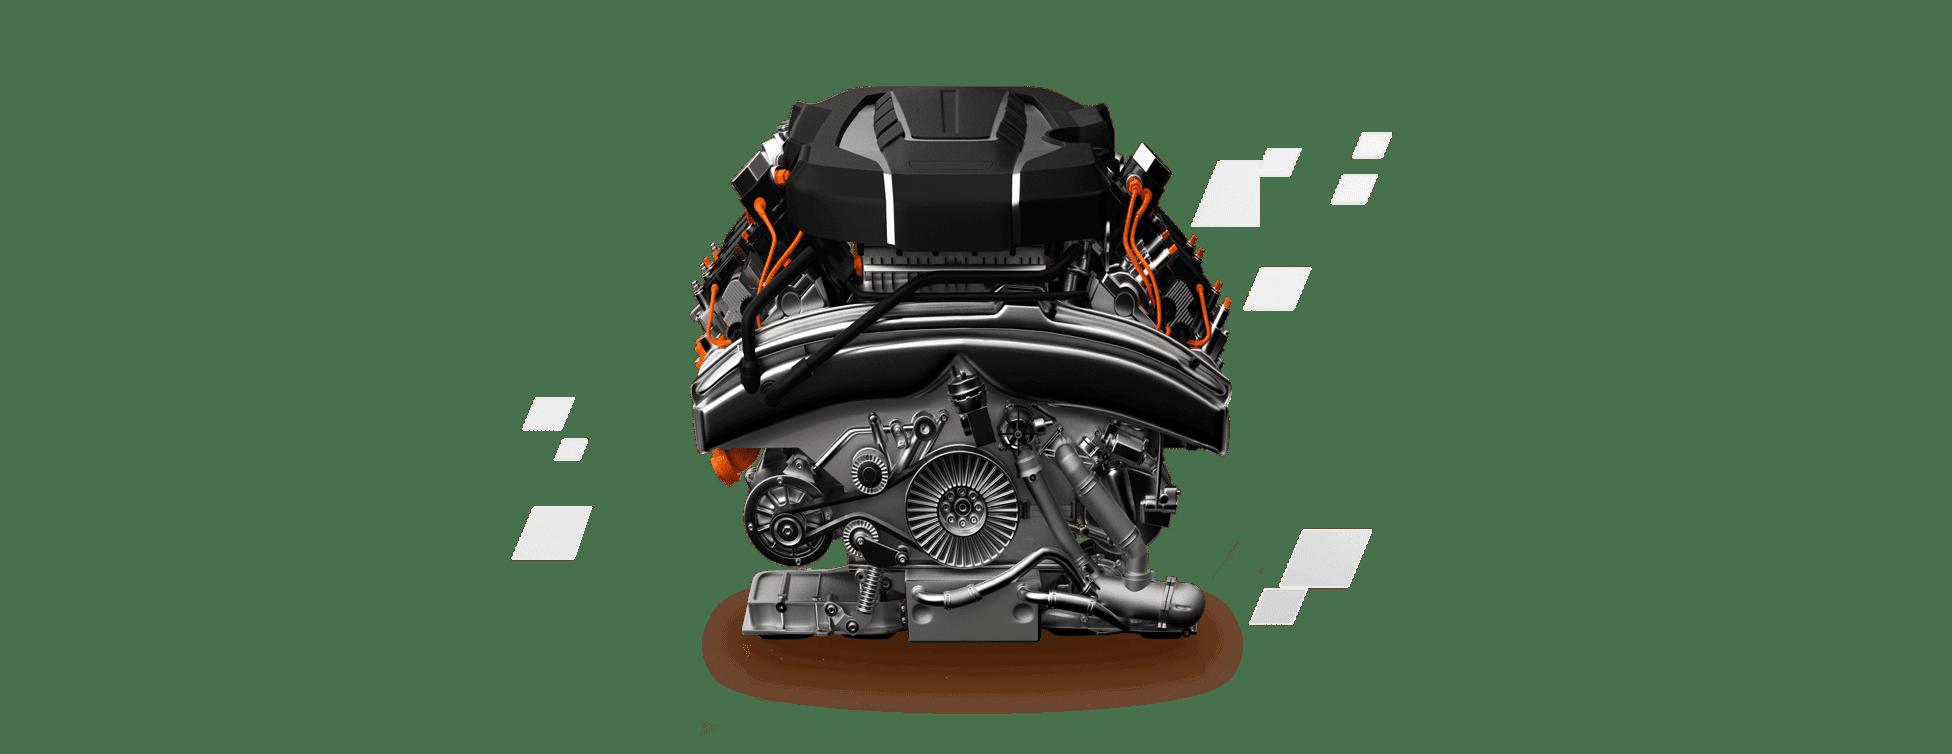 Chiptuning vom Marktführer – Mehr Leistung für Ihr Auto